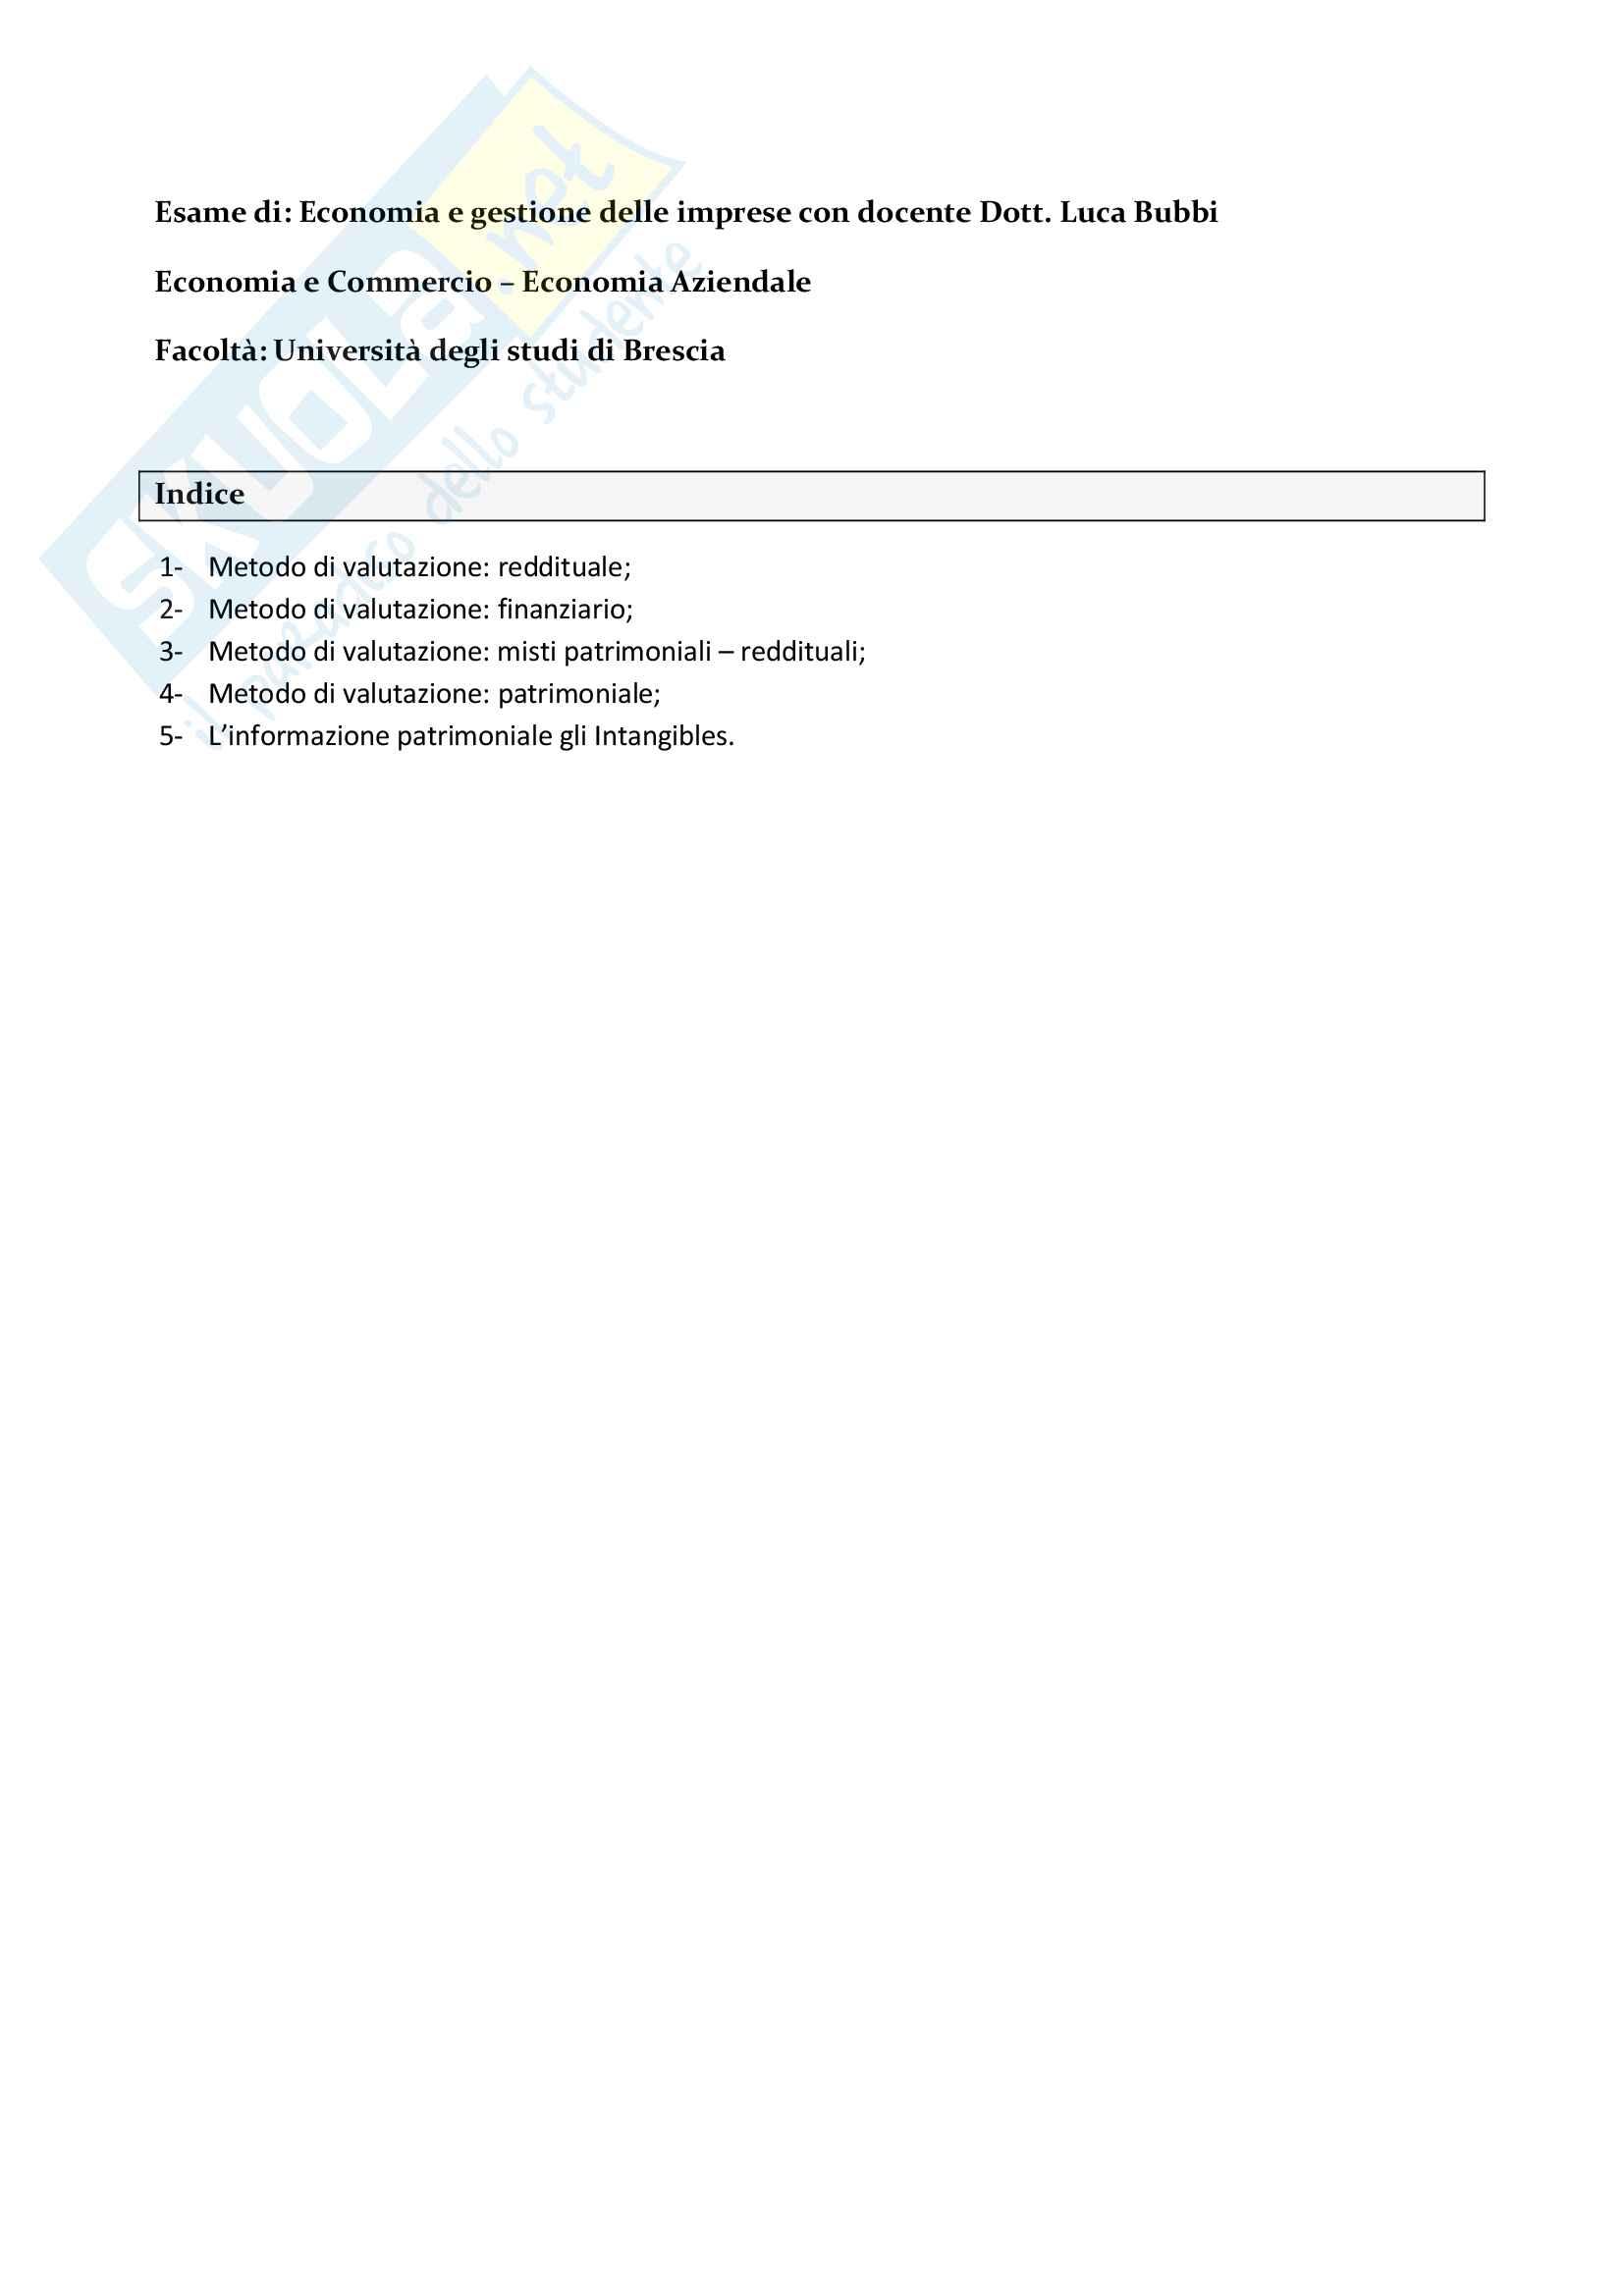 Economia gestione delle imprese - Metodi di valutazione